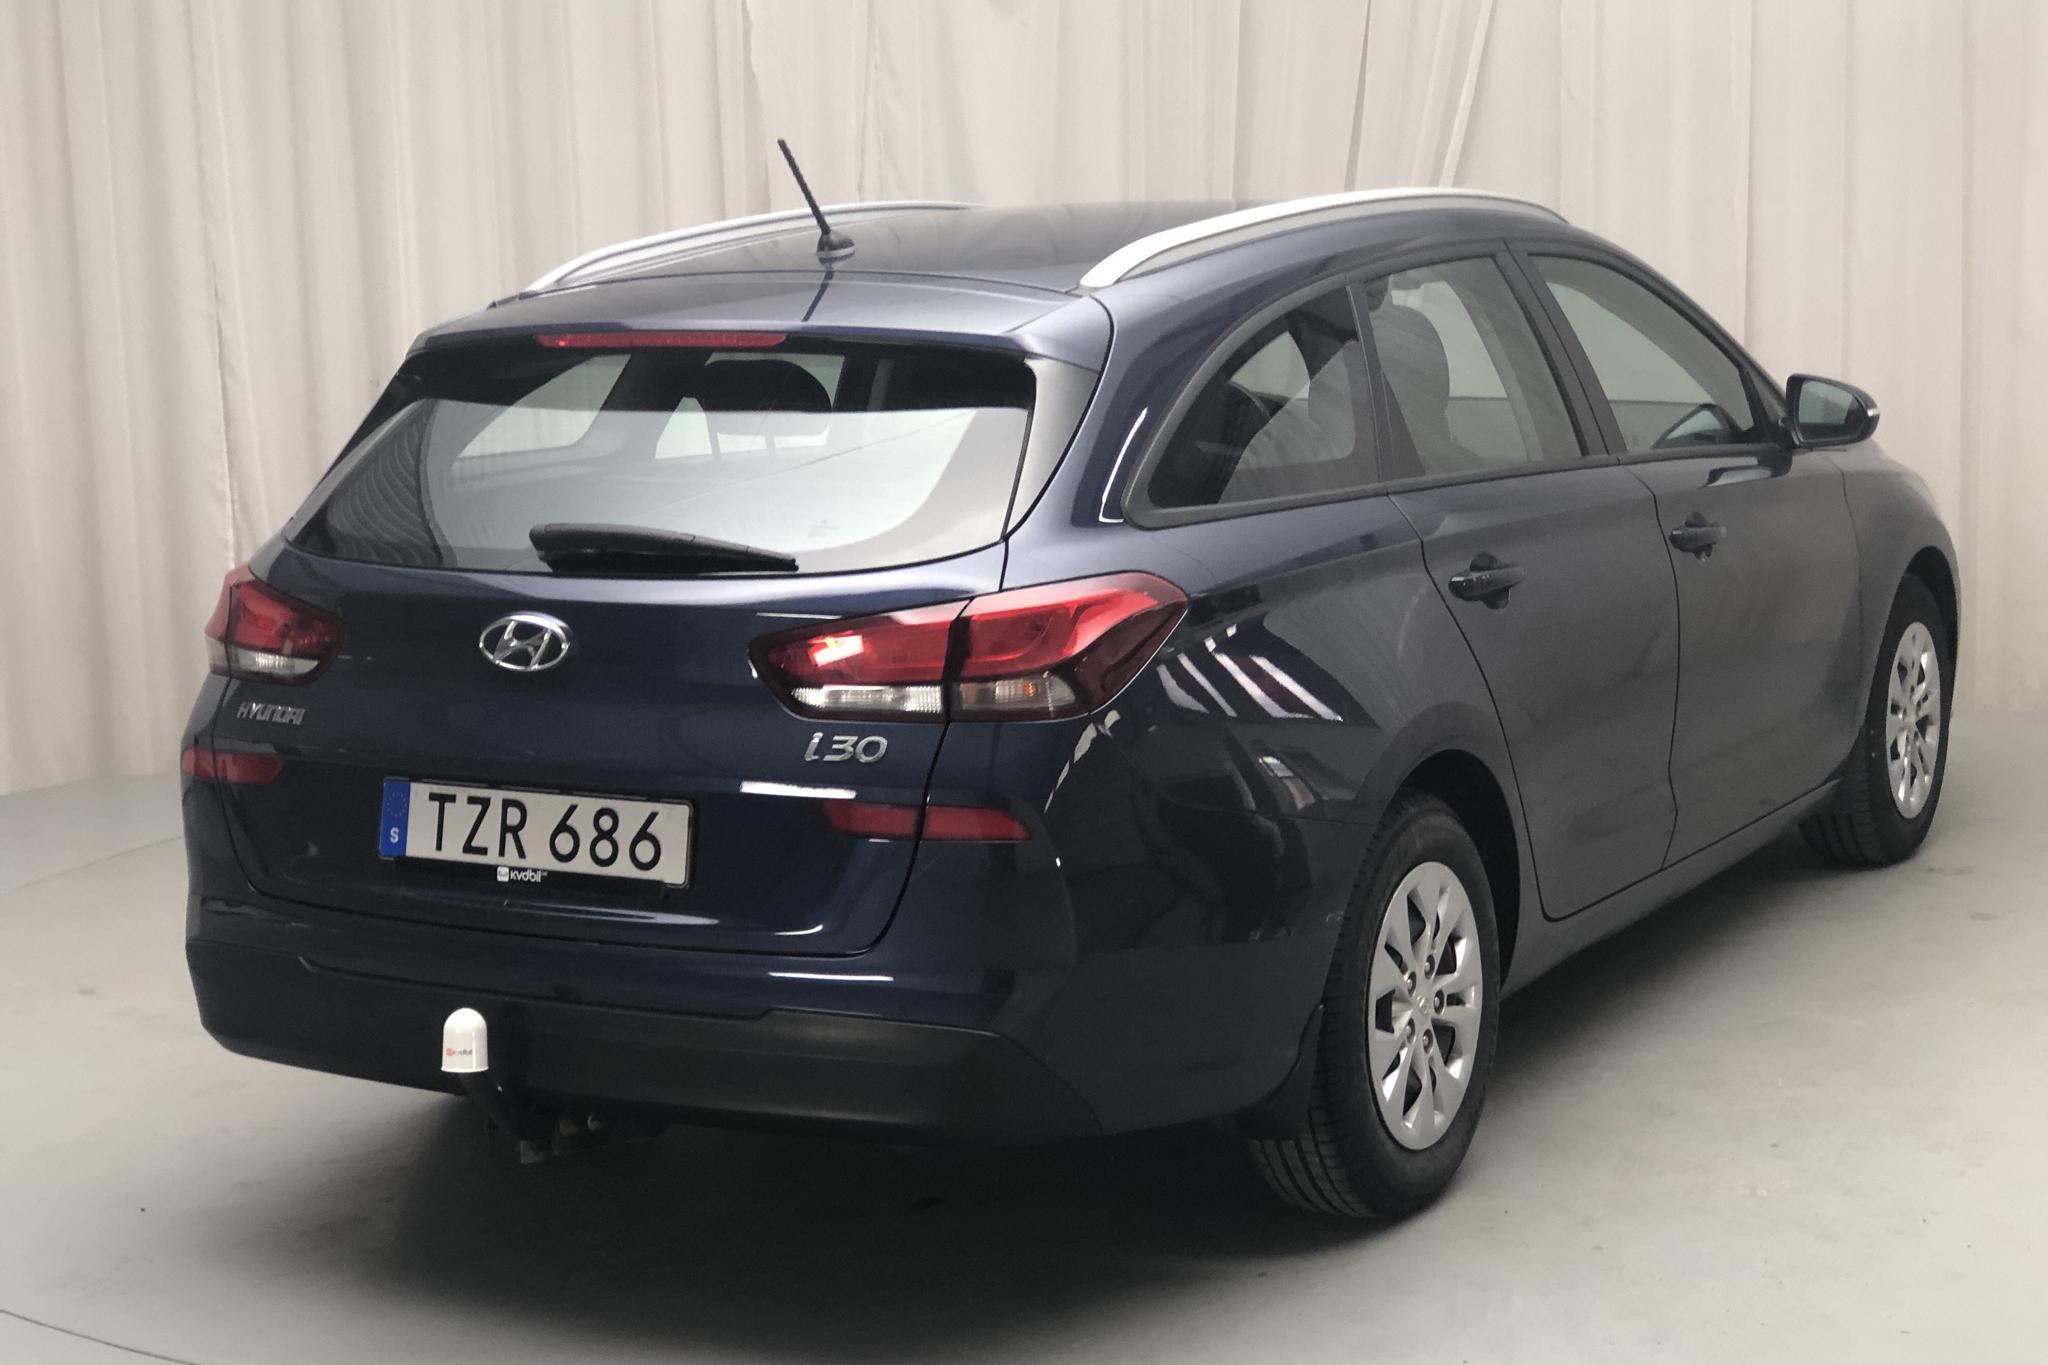 Hyundai i30 1.0 Turbo Kombi (120hk) - 8 178 mil - Manuell - blå - 2018